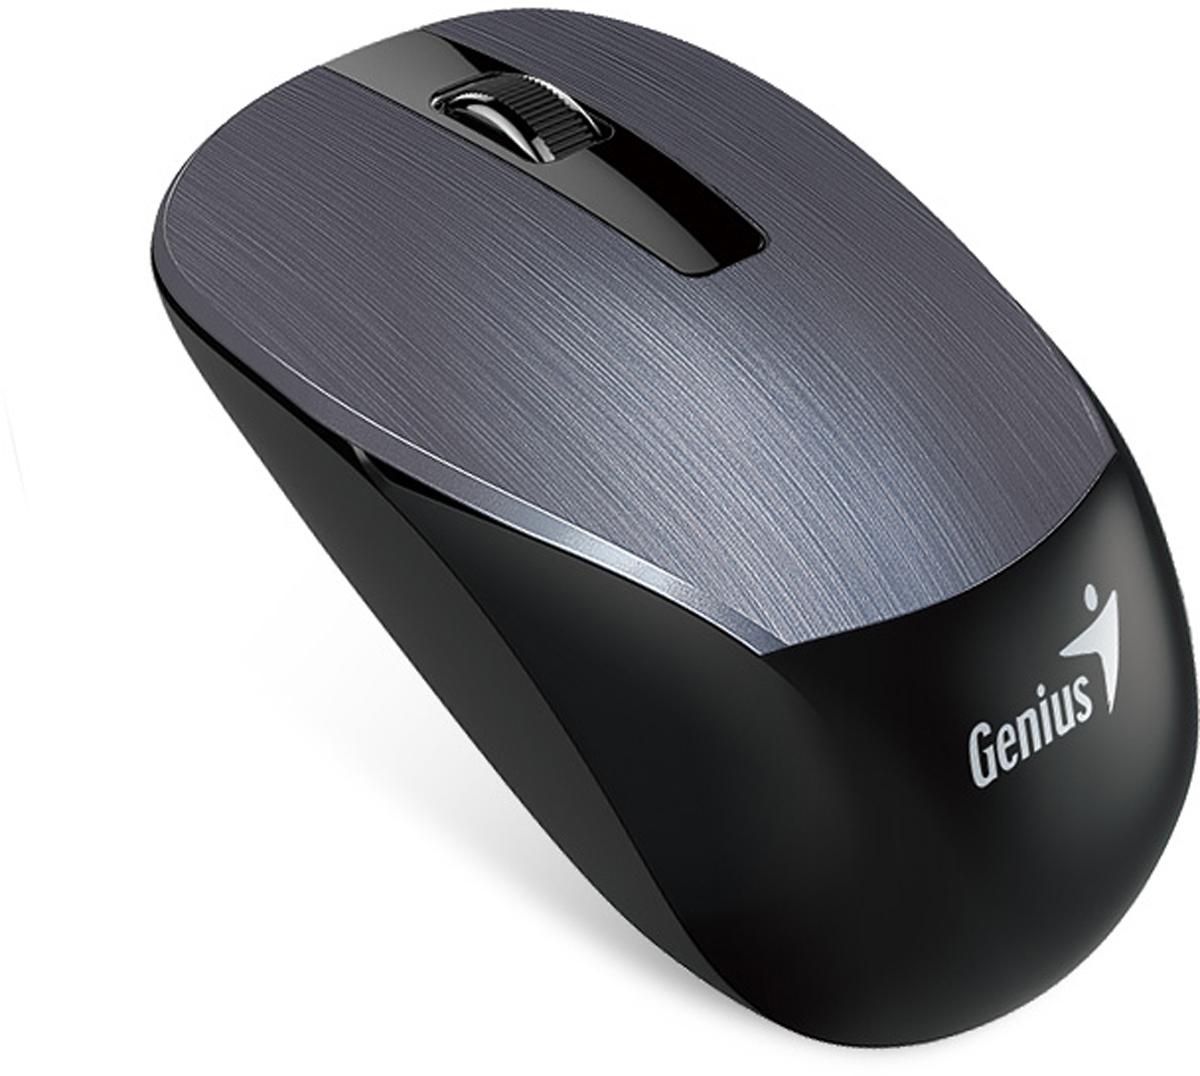 Genius NX-7015, Iron Grey мышь беспроводная31030119100Мышь Genius NX-7015 подходит как для правой, так и для левой руки.Благодаря четкой форме легко лежит как в правой, так и в левой руке и обеспечивает максимальное удобство на протяжении всего дня.Благодаря технологии BlueEye с разрешением 1600 dpi мышь обеспечивает великолепную точность и работу практически на любом покрытии: на запыленном стекле или мраморе, на диване и даже на ковре.Приемник Genius NX-7015 можно использовать с другими беспроводными мышами Genius серии NX-7000 для дополнительной мобильности. Не придется беспокоиться, если приемник от этой беспроводной серии Genius потеряется.